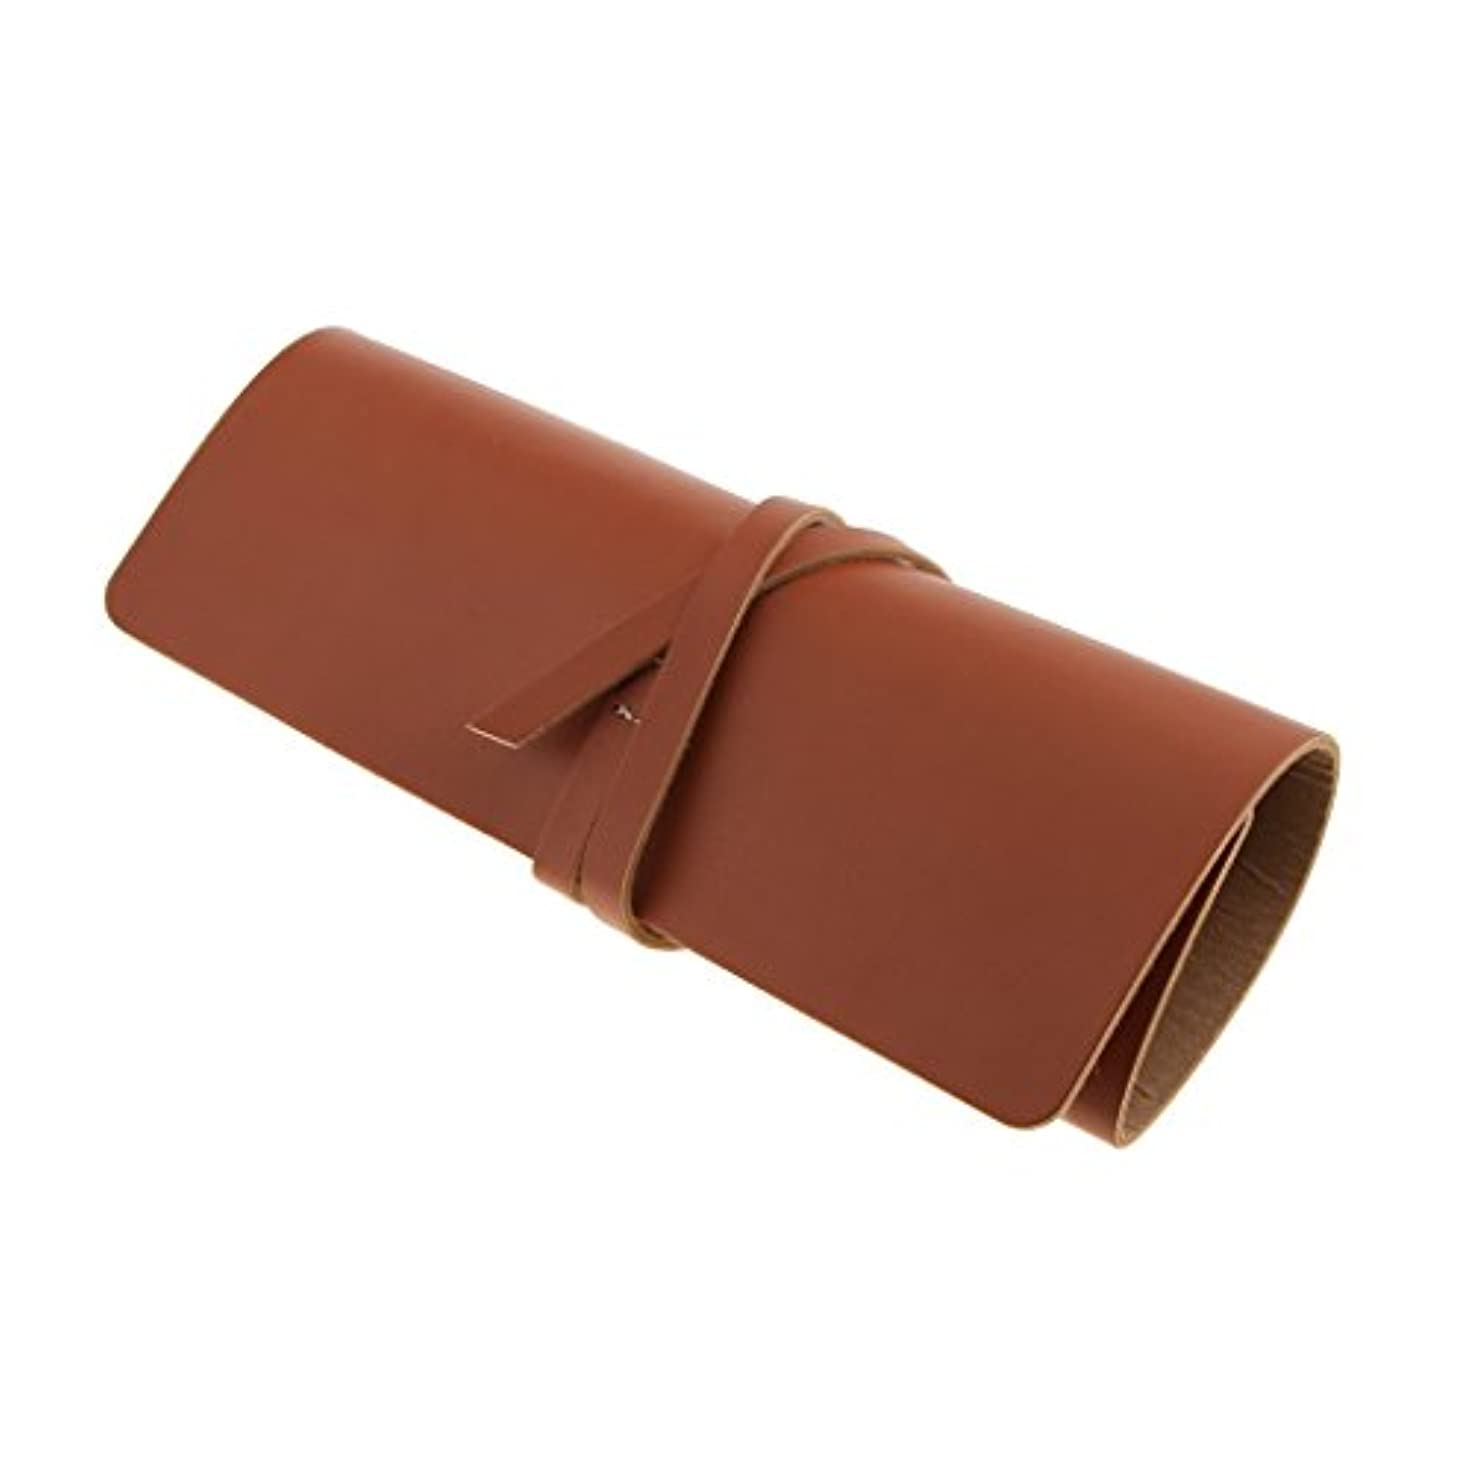 落ち着いてラッシュフィールドHellery カミソリケース 収納ケース 収納ポーチ ストレート かみそりケース プロテクターポーチ 理容 全2色 - 褐色